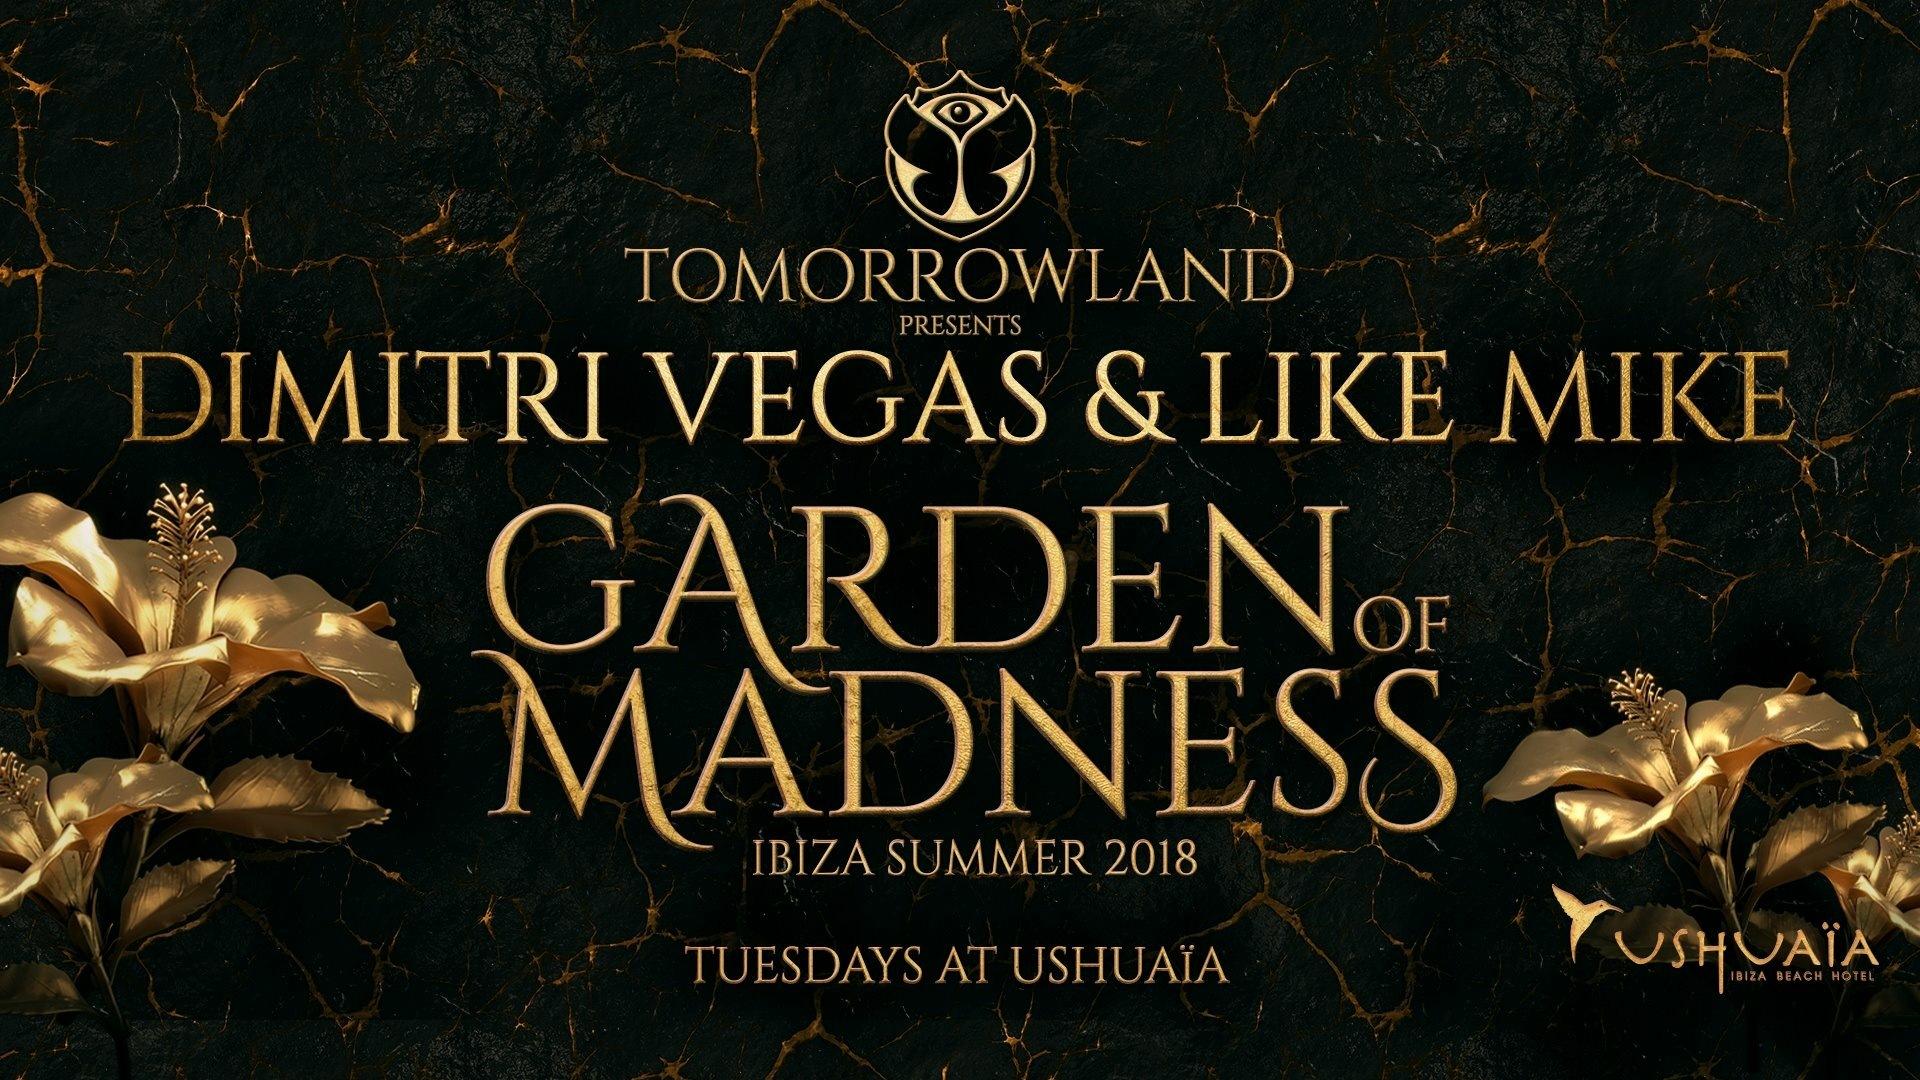 garden-of-madness-ibiza